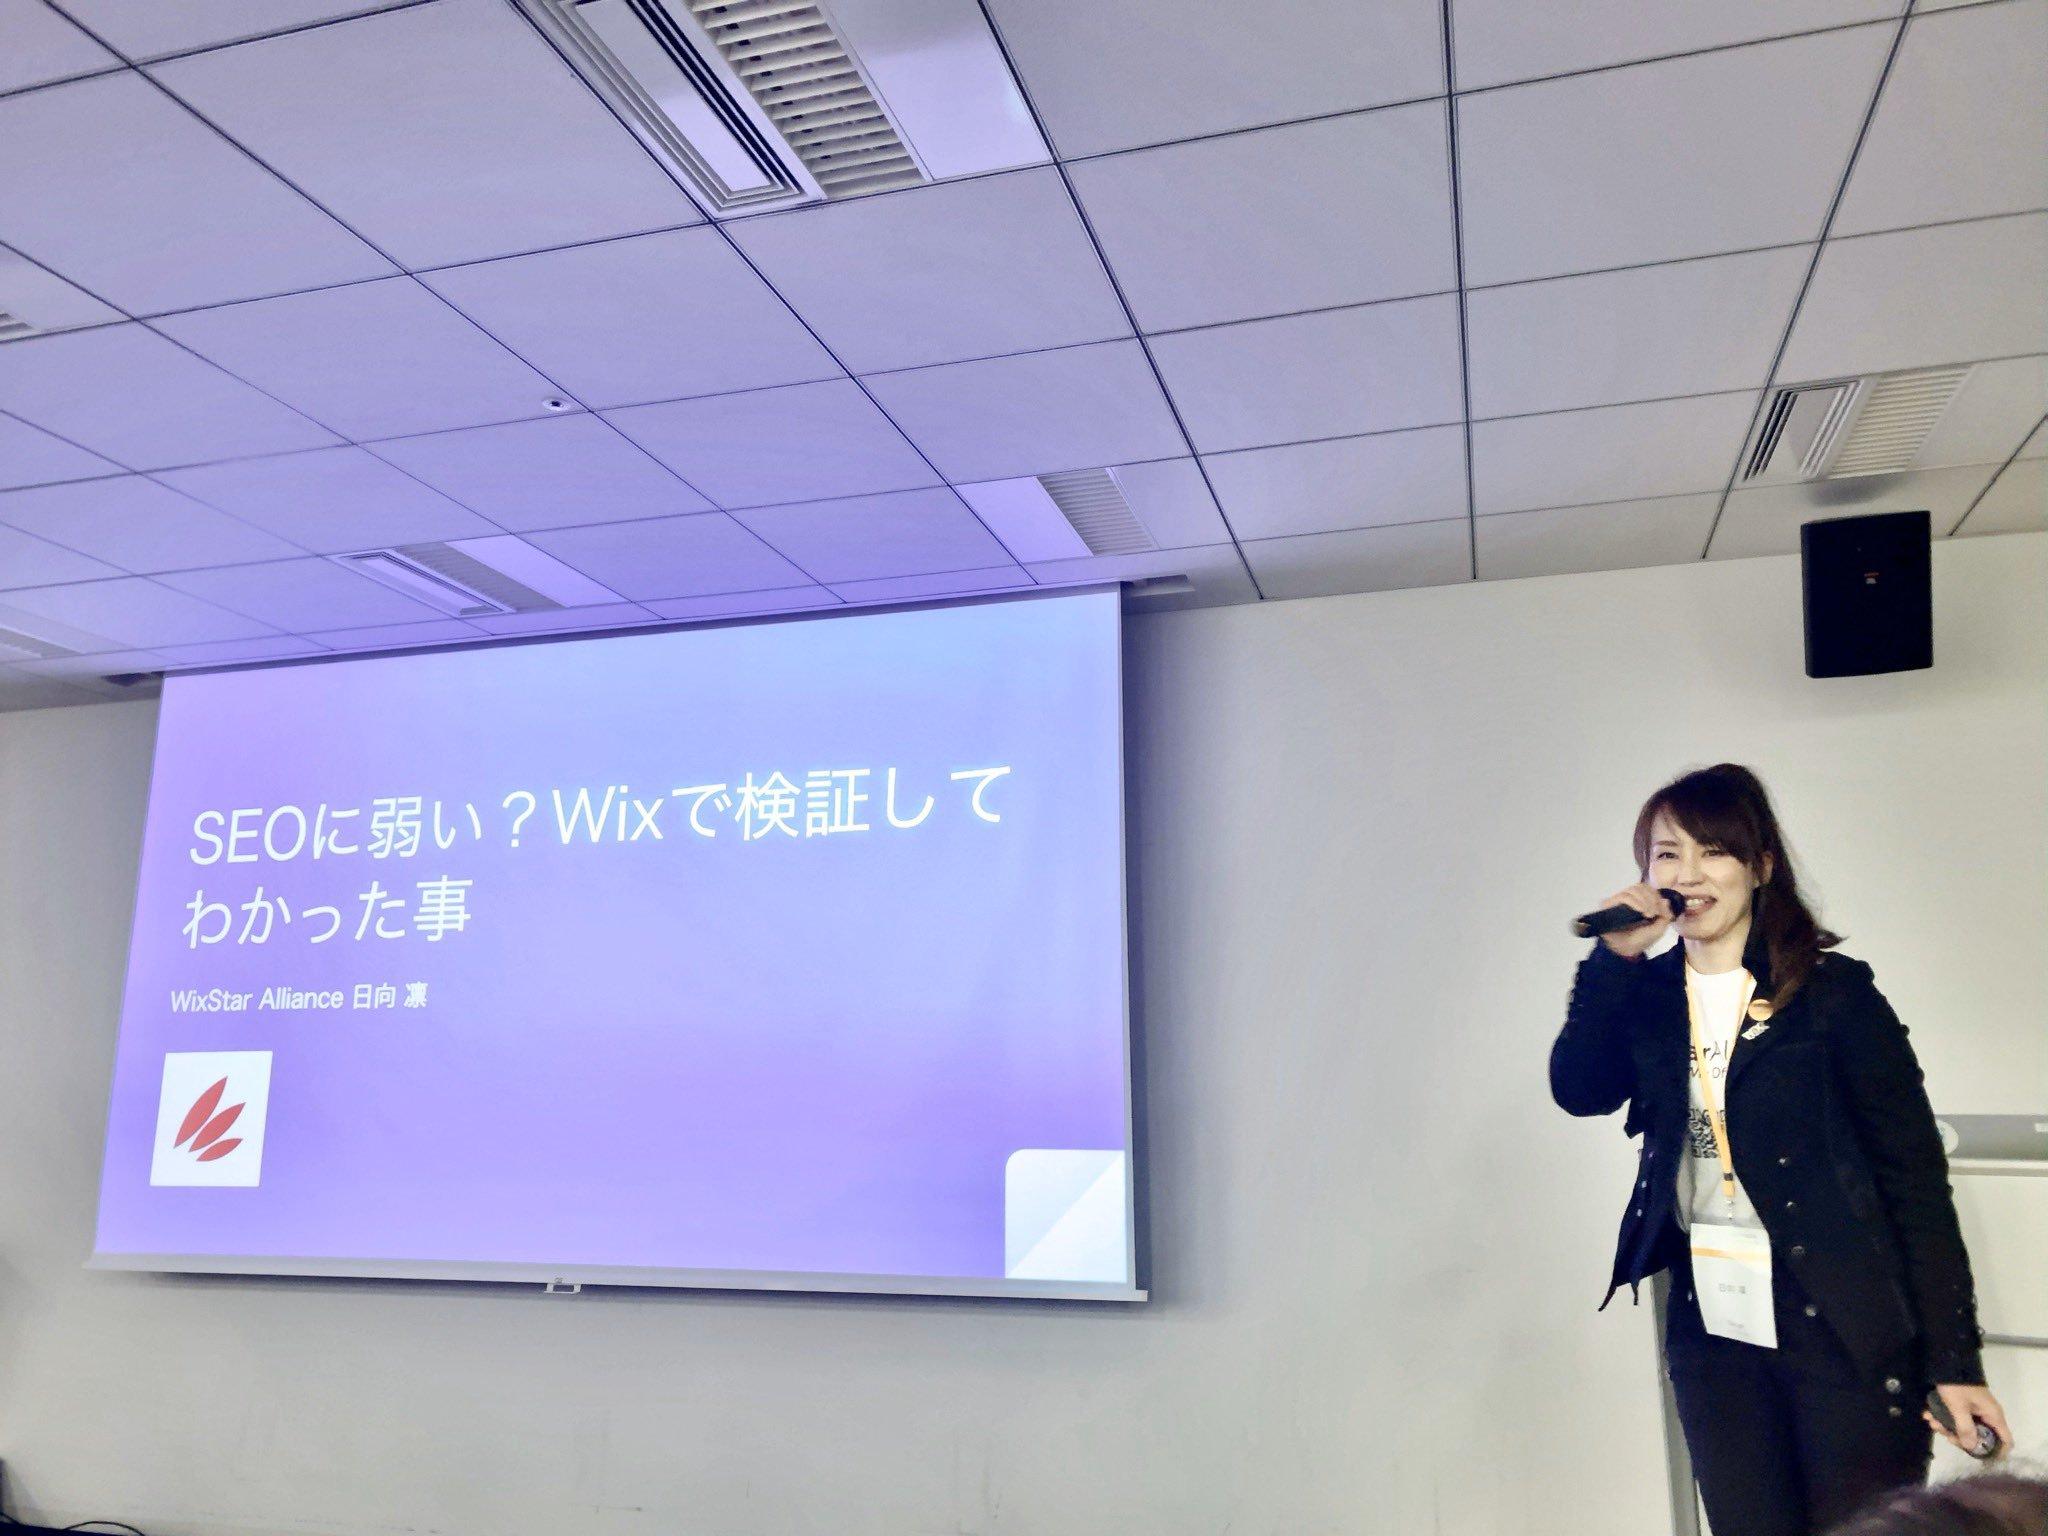 2019年11月27日 Google Webmaster Conference Osaka にてLT登壇「SEOに弱い?Wixで検証してわかったこと」